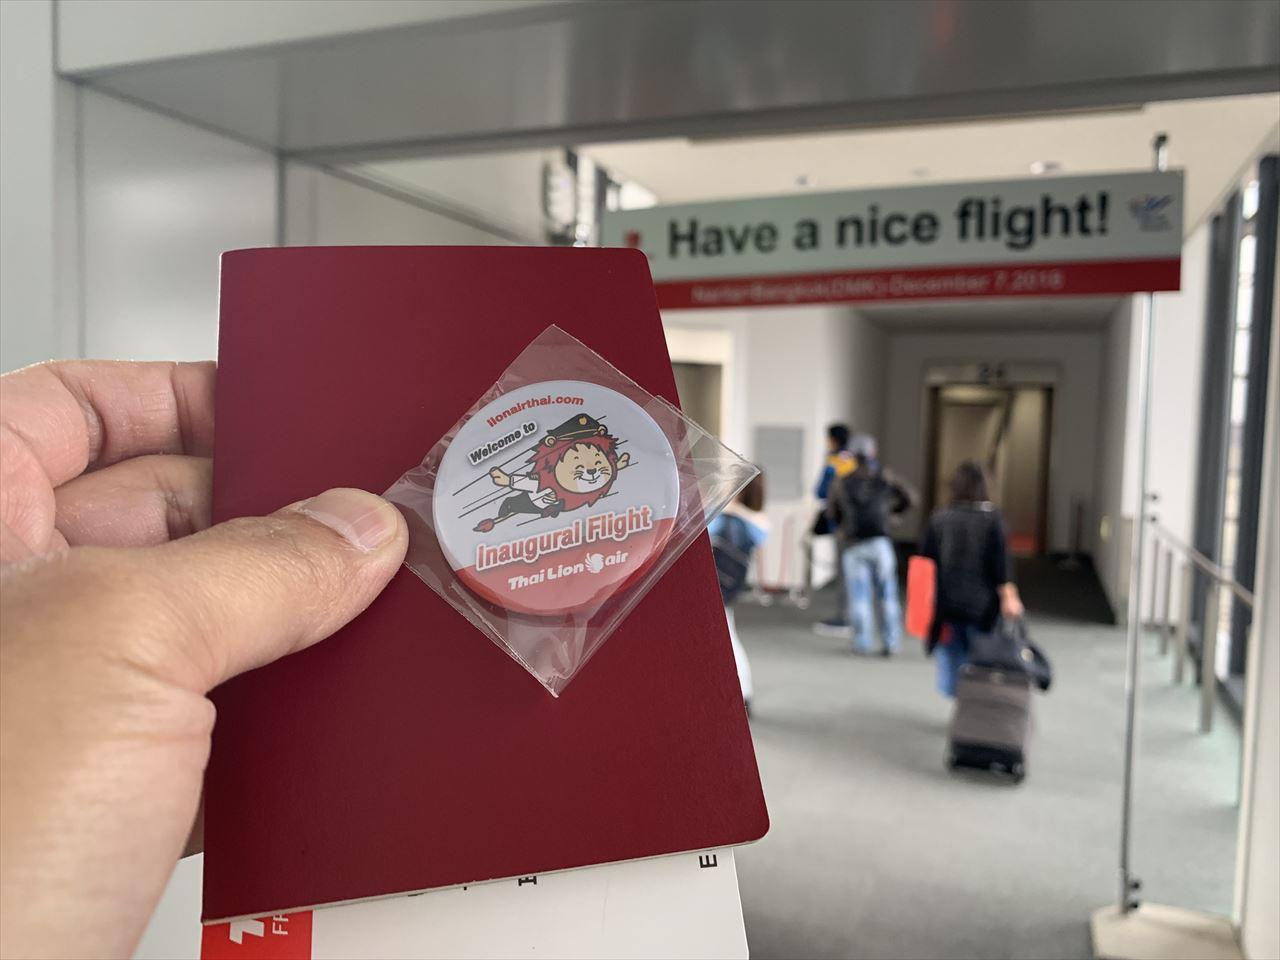 タイライオンエア 初便搭乗者へバッジがプレゼント